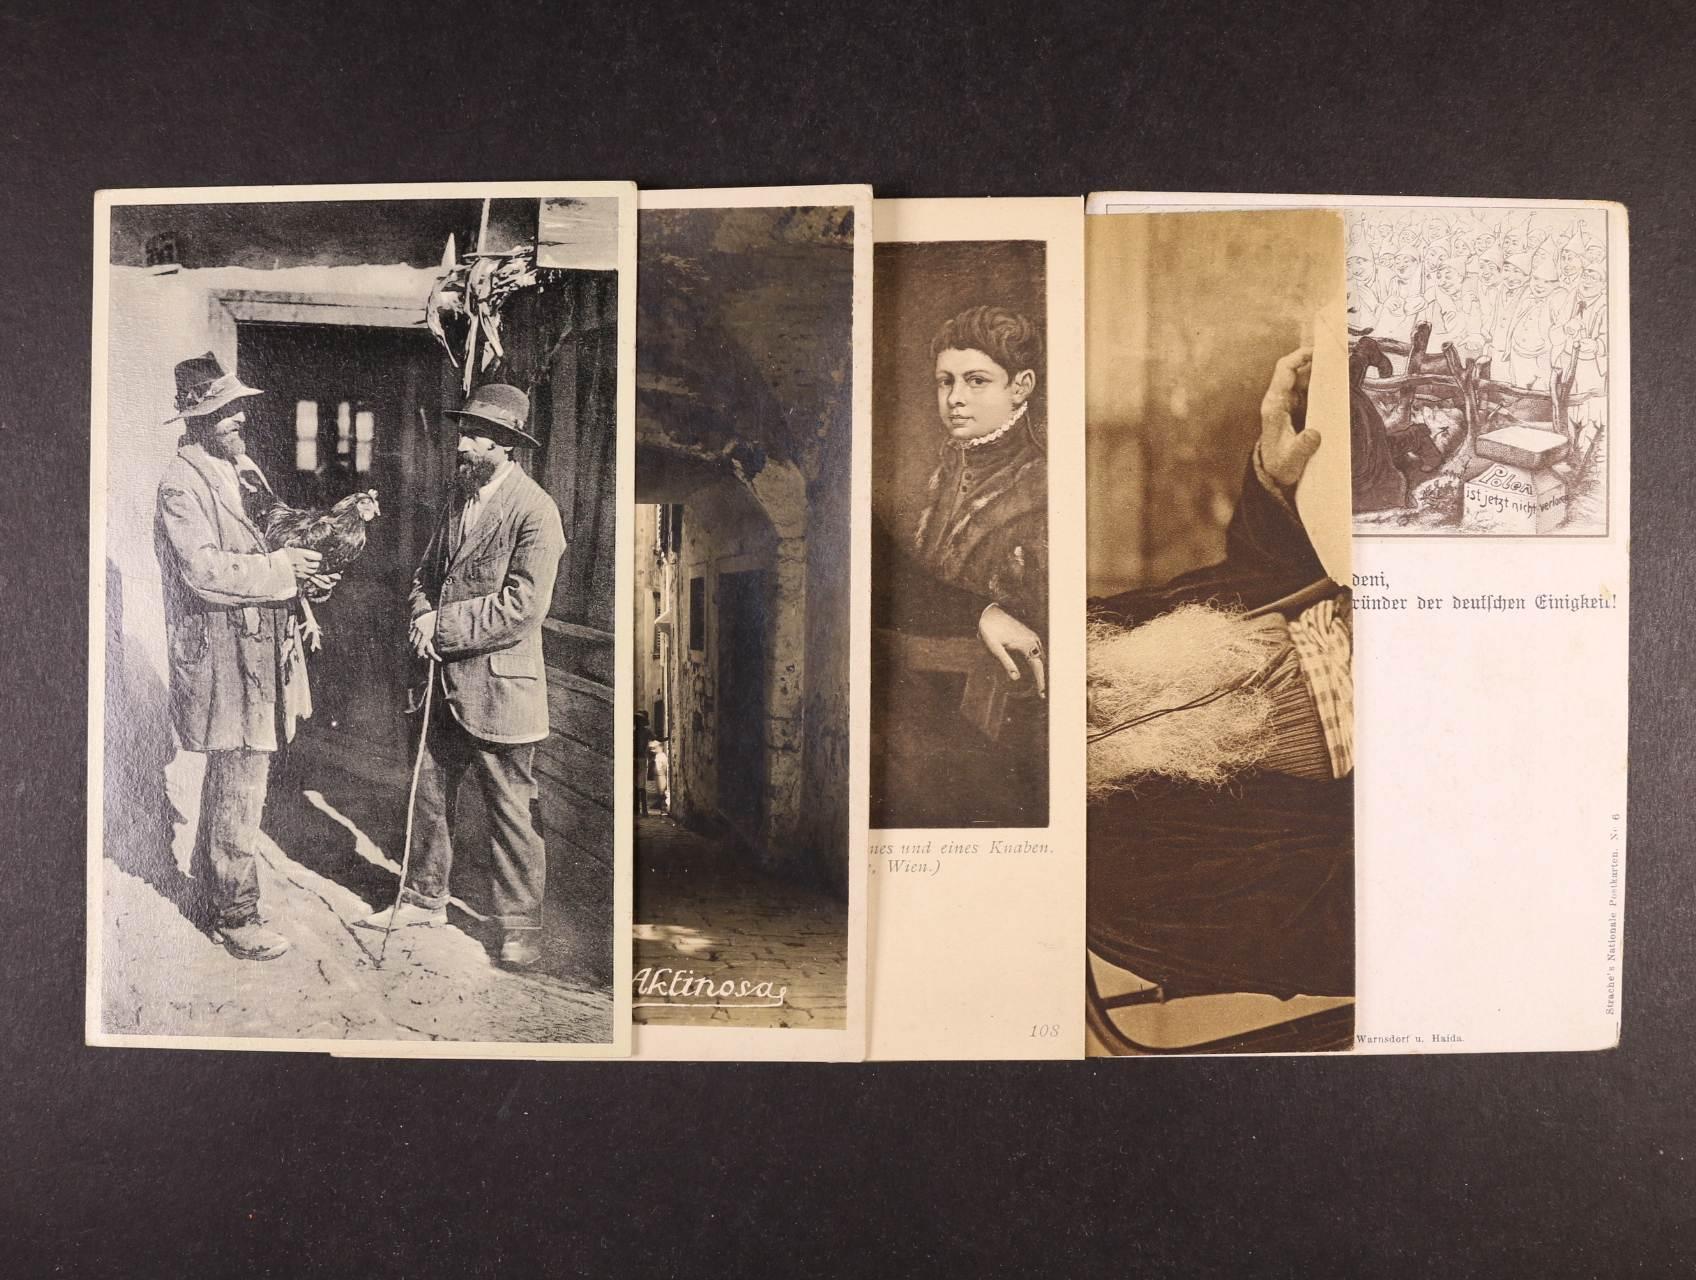 Judaika - sestava 10 ks bar. i jednobar. pohlednic s různými náměty, použité i nepoužité